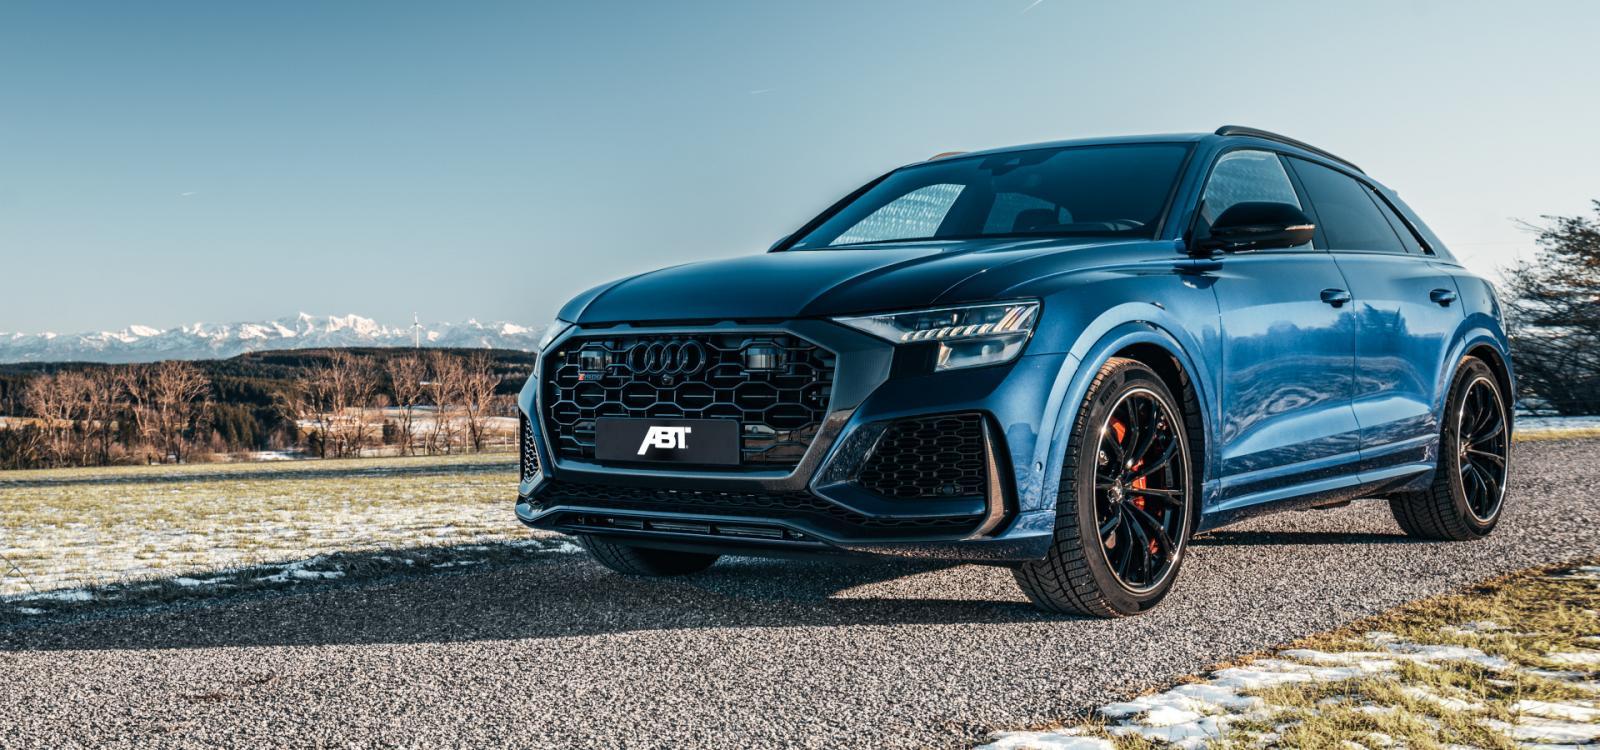 Abt Lleva A La Audi Rs Q8 Por Encima De Los 600 Caballos